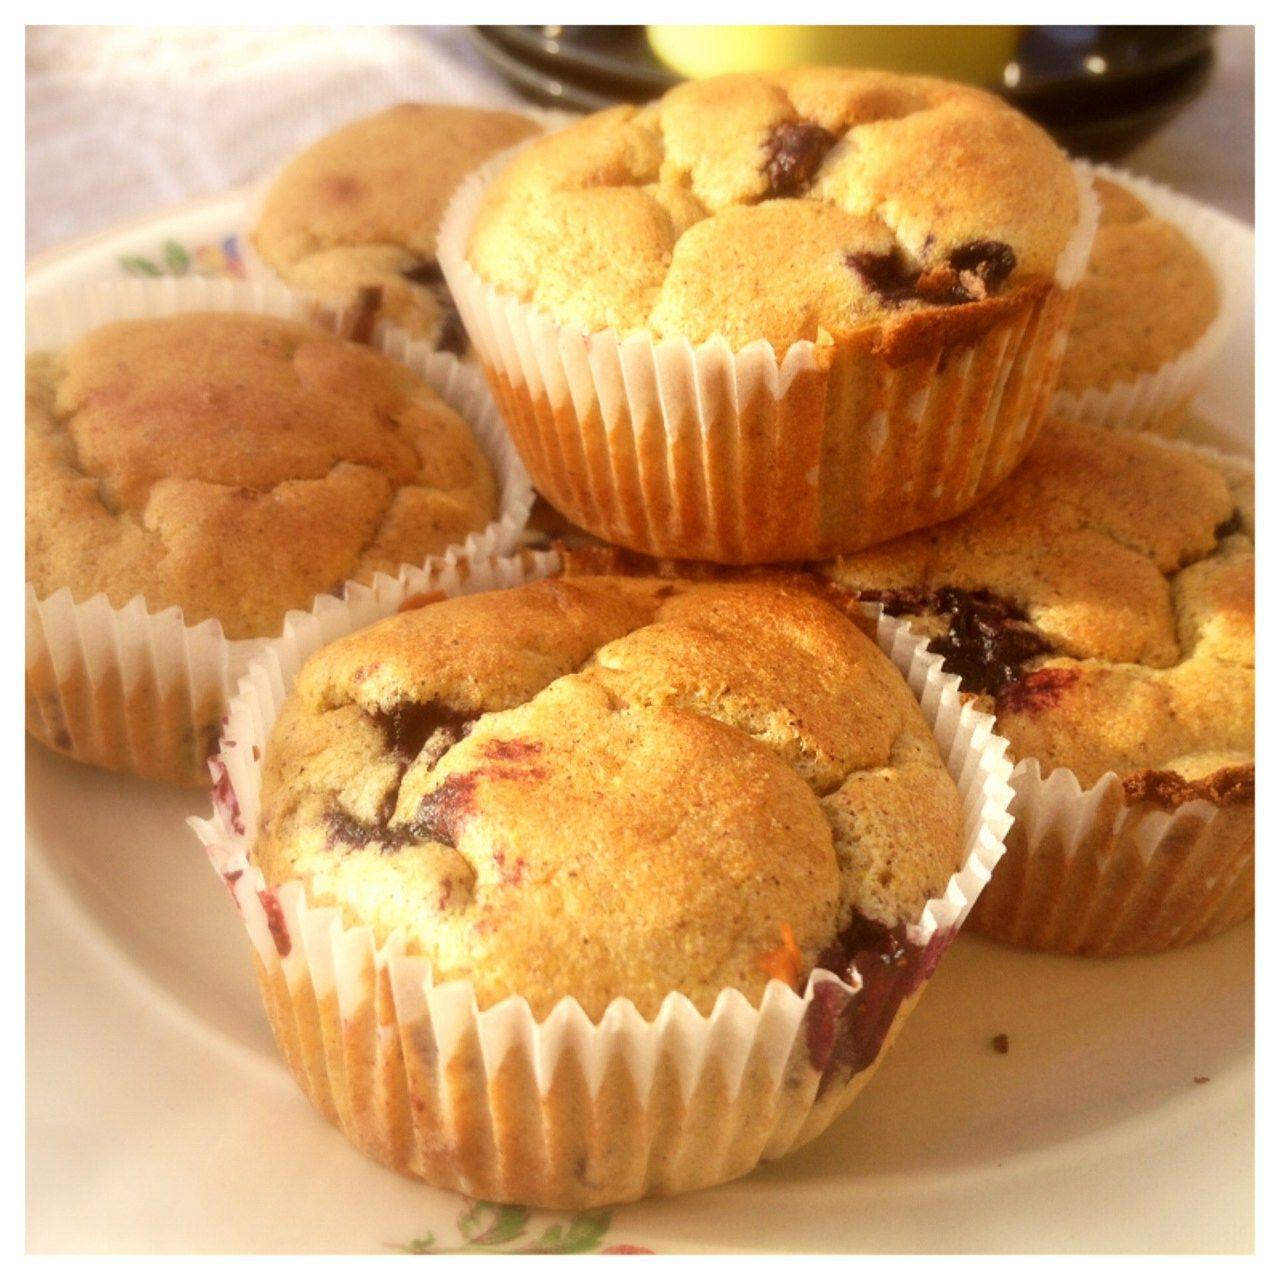 sockerfria muffins blåbär